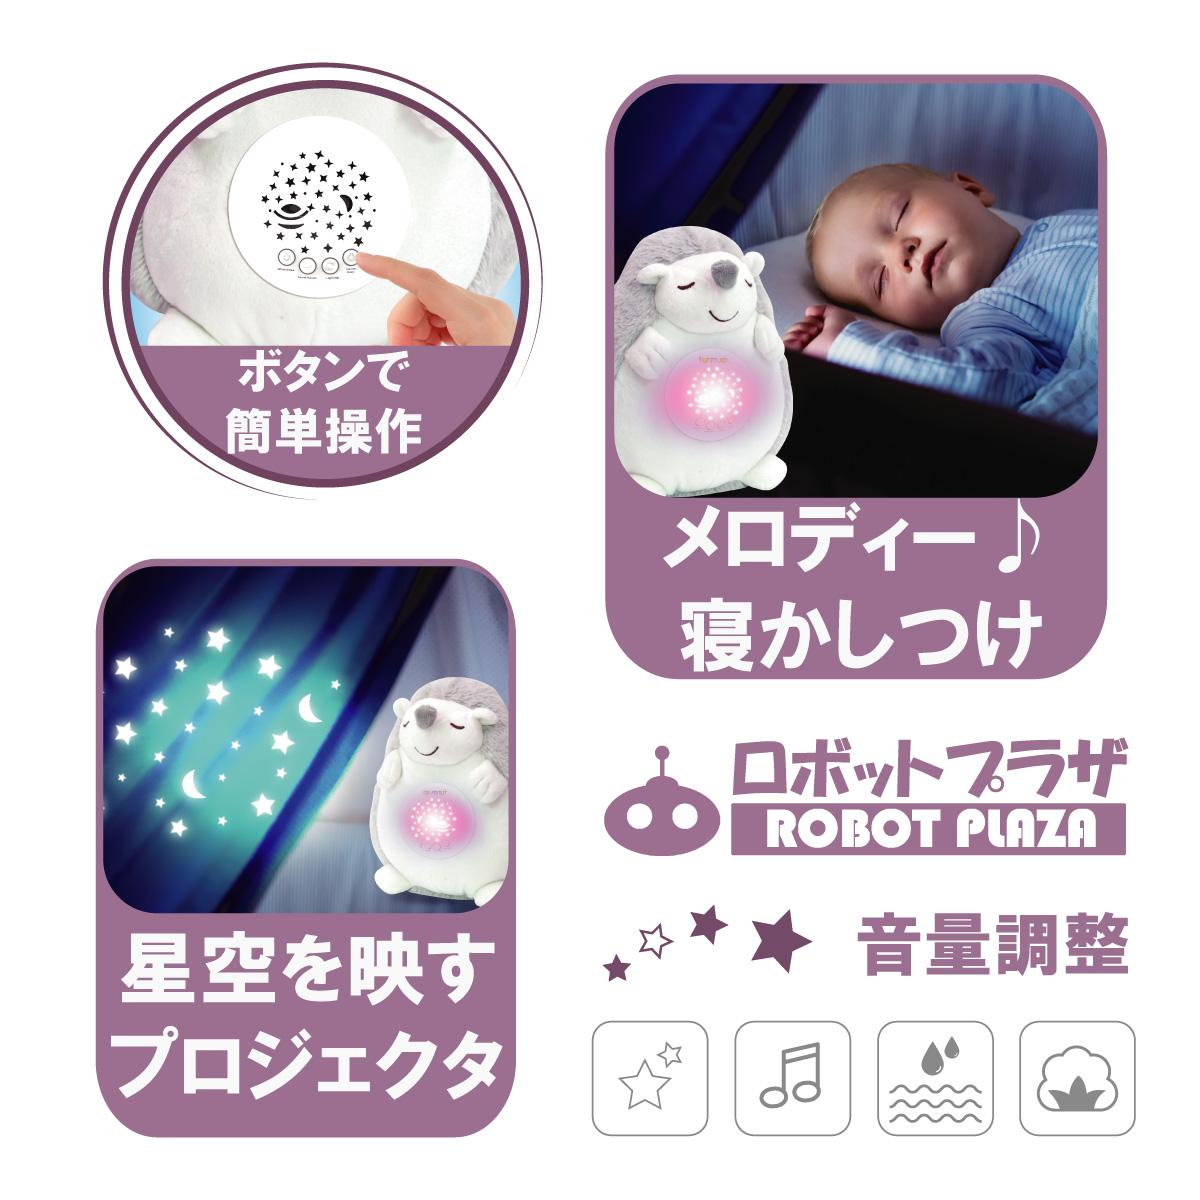 寝かしつけで大切なのは15種類の優しい音楽とメロディ。自然音(心音、カエルの音、川の流れの音)もあります。